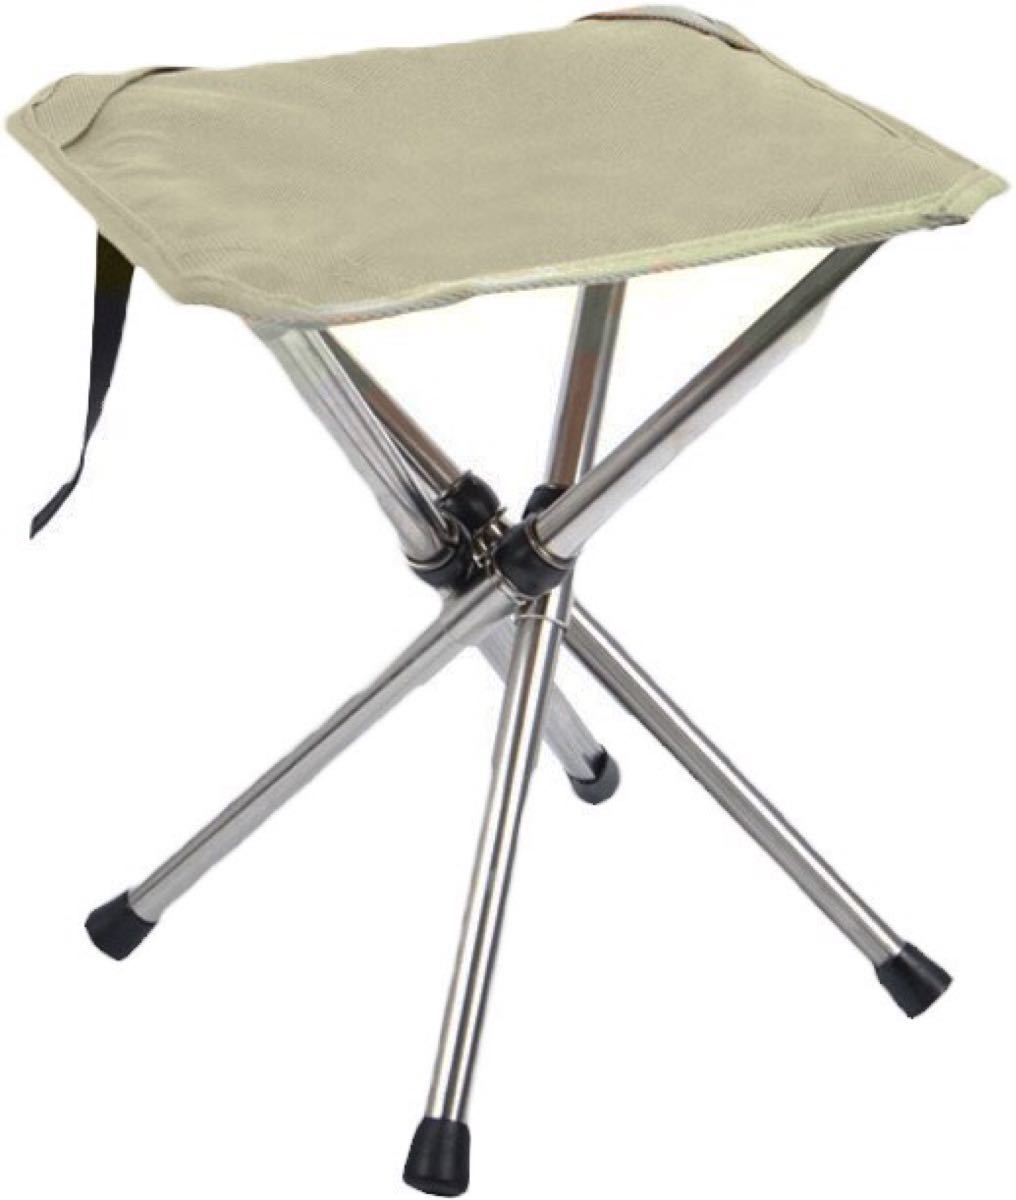 新品 椅子 折り畳 チェアー アウトドア 防災 キャンプ コンパクト まとめ買い